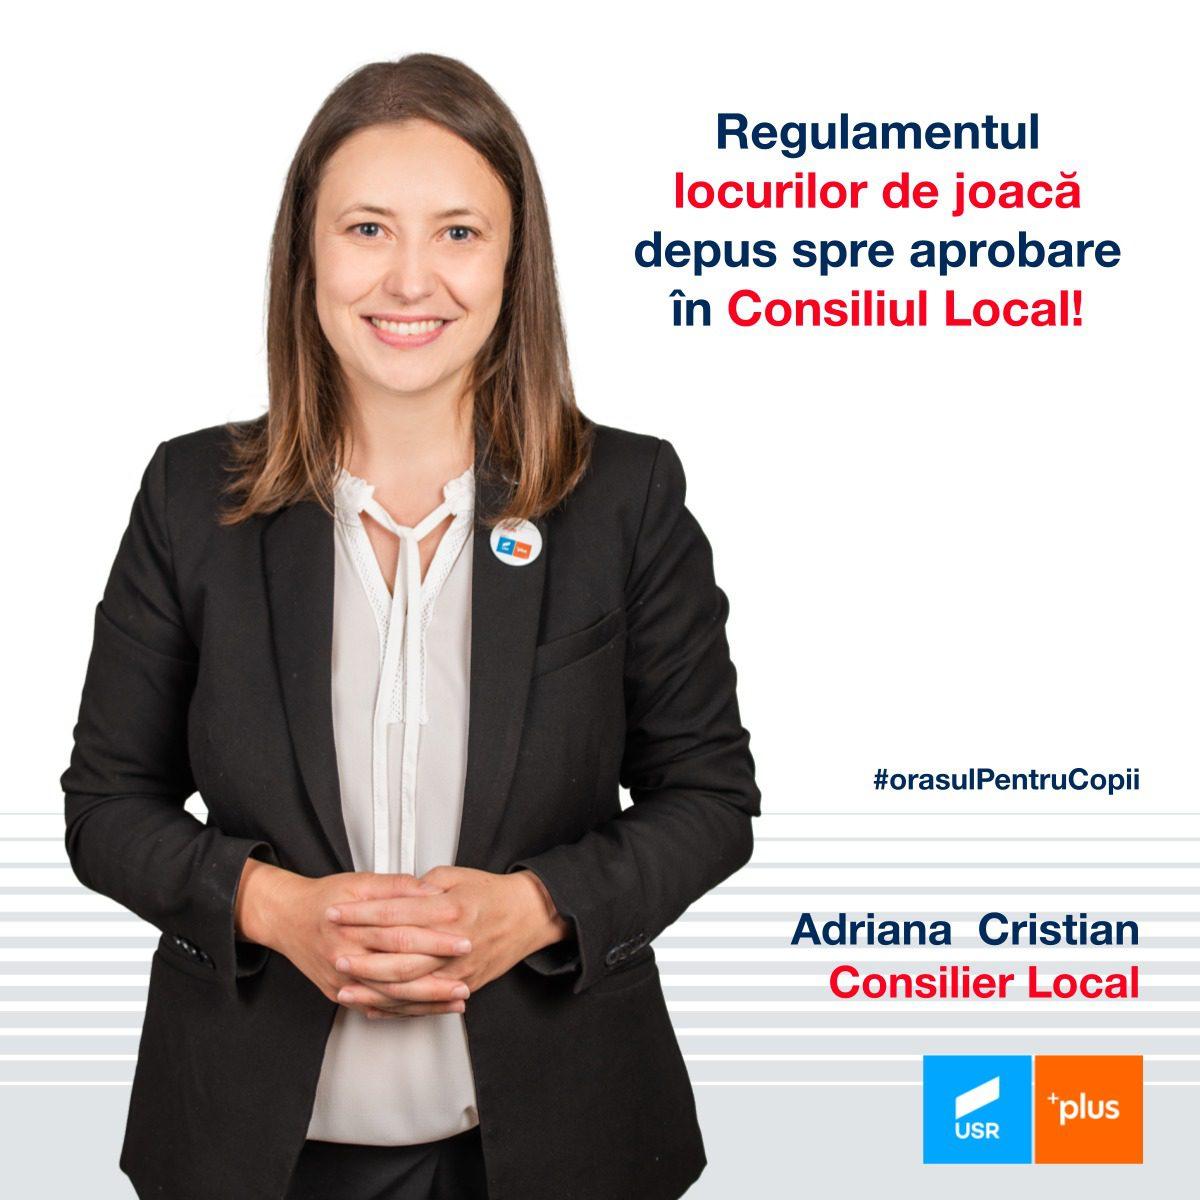 Adriana Cristian: Un nou pas în transformarea Cluj-Napoca în Orașul pentru Copii, am depus regulamentul locurilor de joacă!